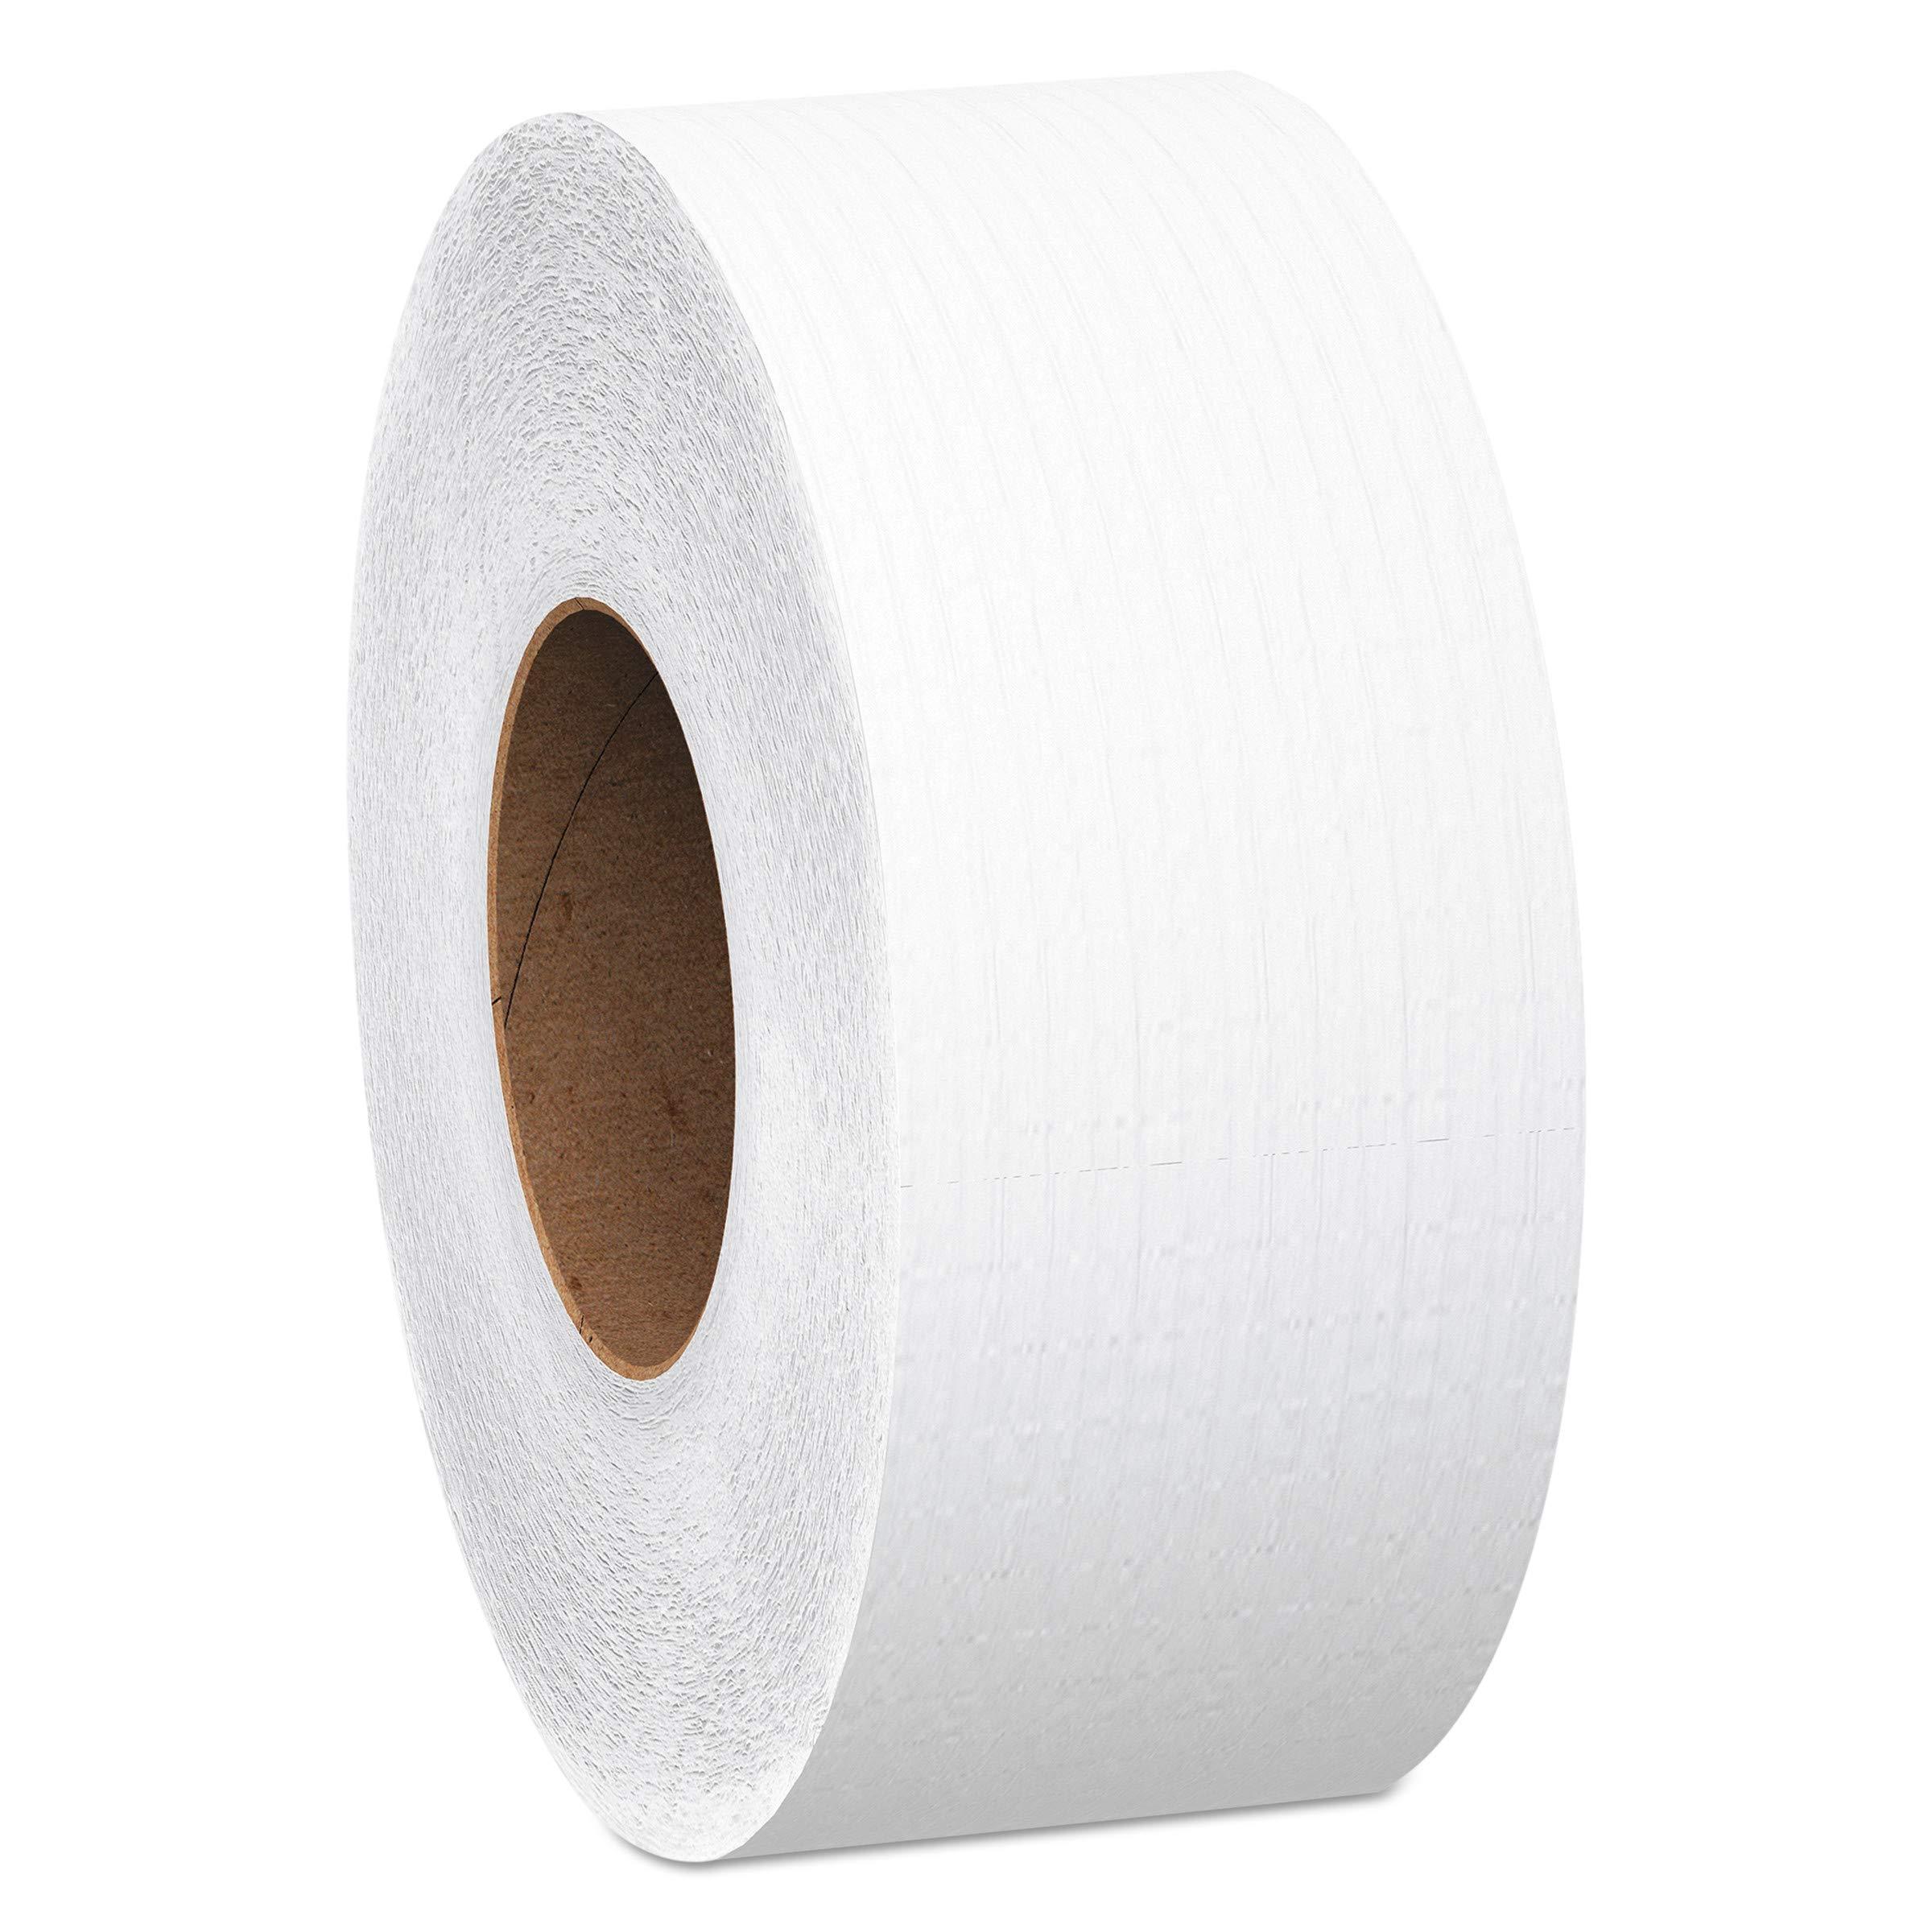 Scott 67805 100% Recycled Fiber JRT Jr. Bathroom Tissue, 2-Ply, 1000ft (Case of 12) by Scott